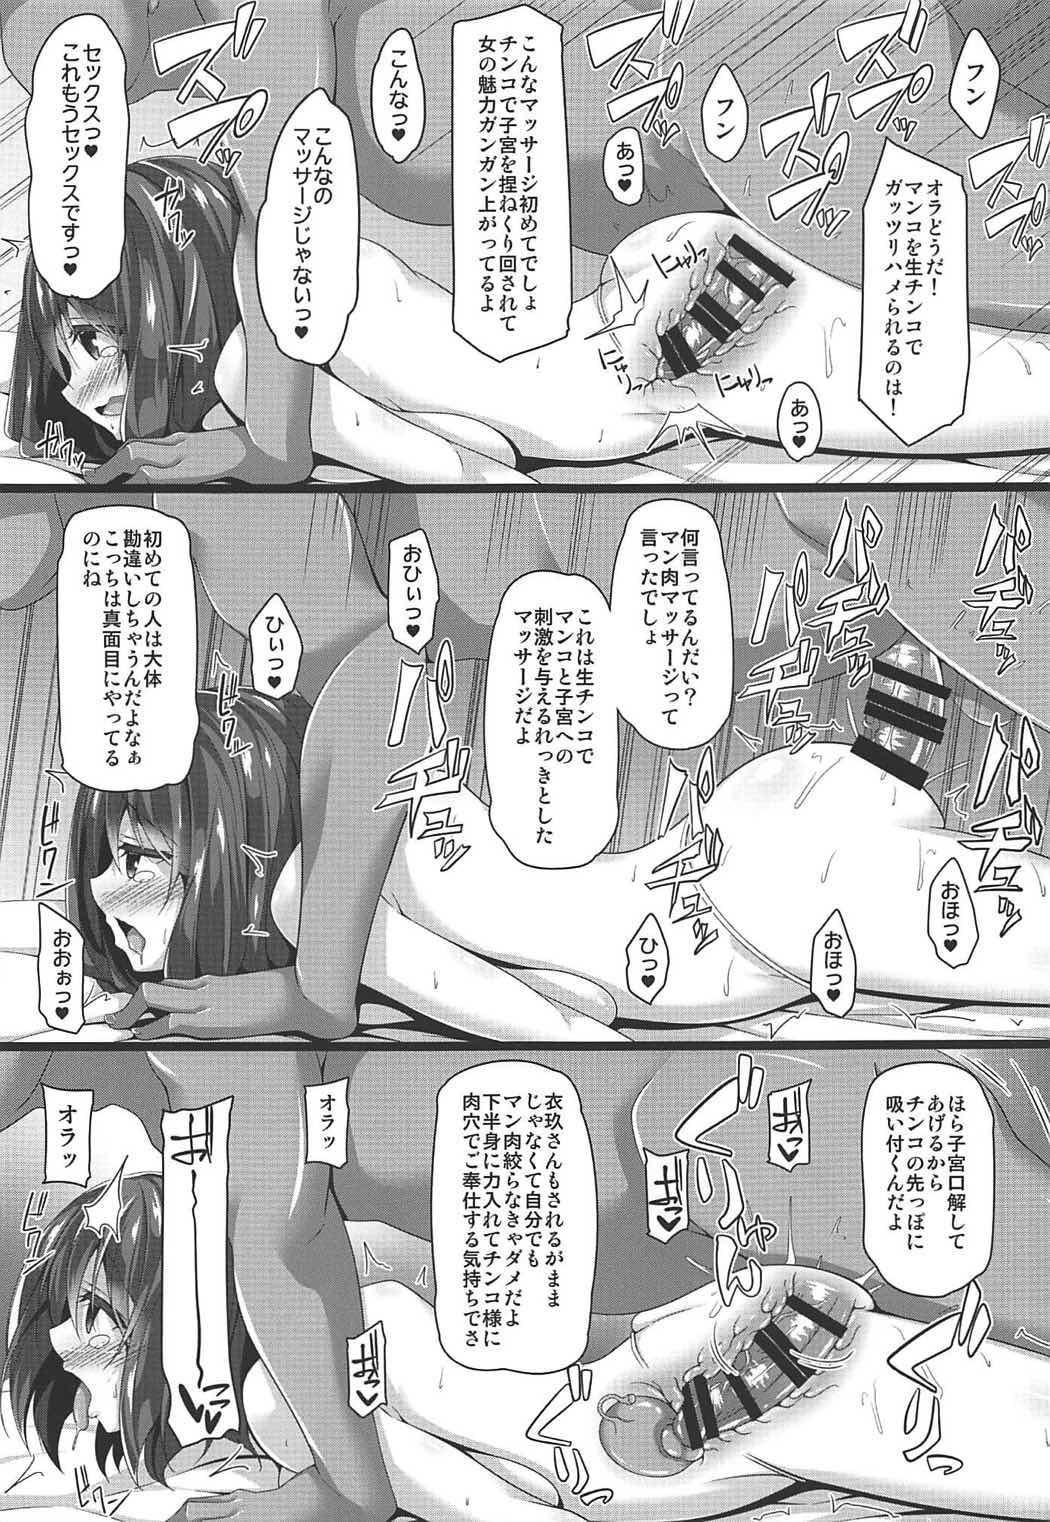 Ryuugyo no Majiwari 9